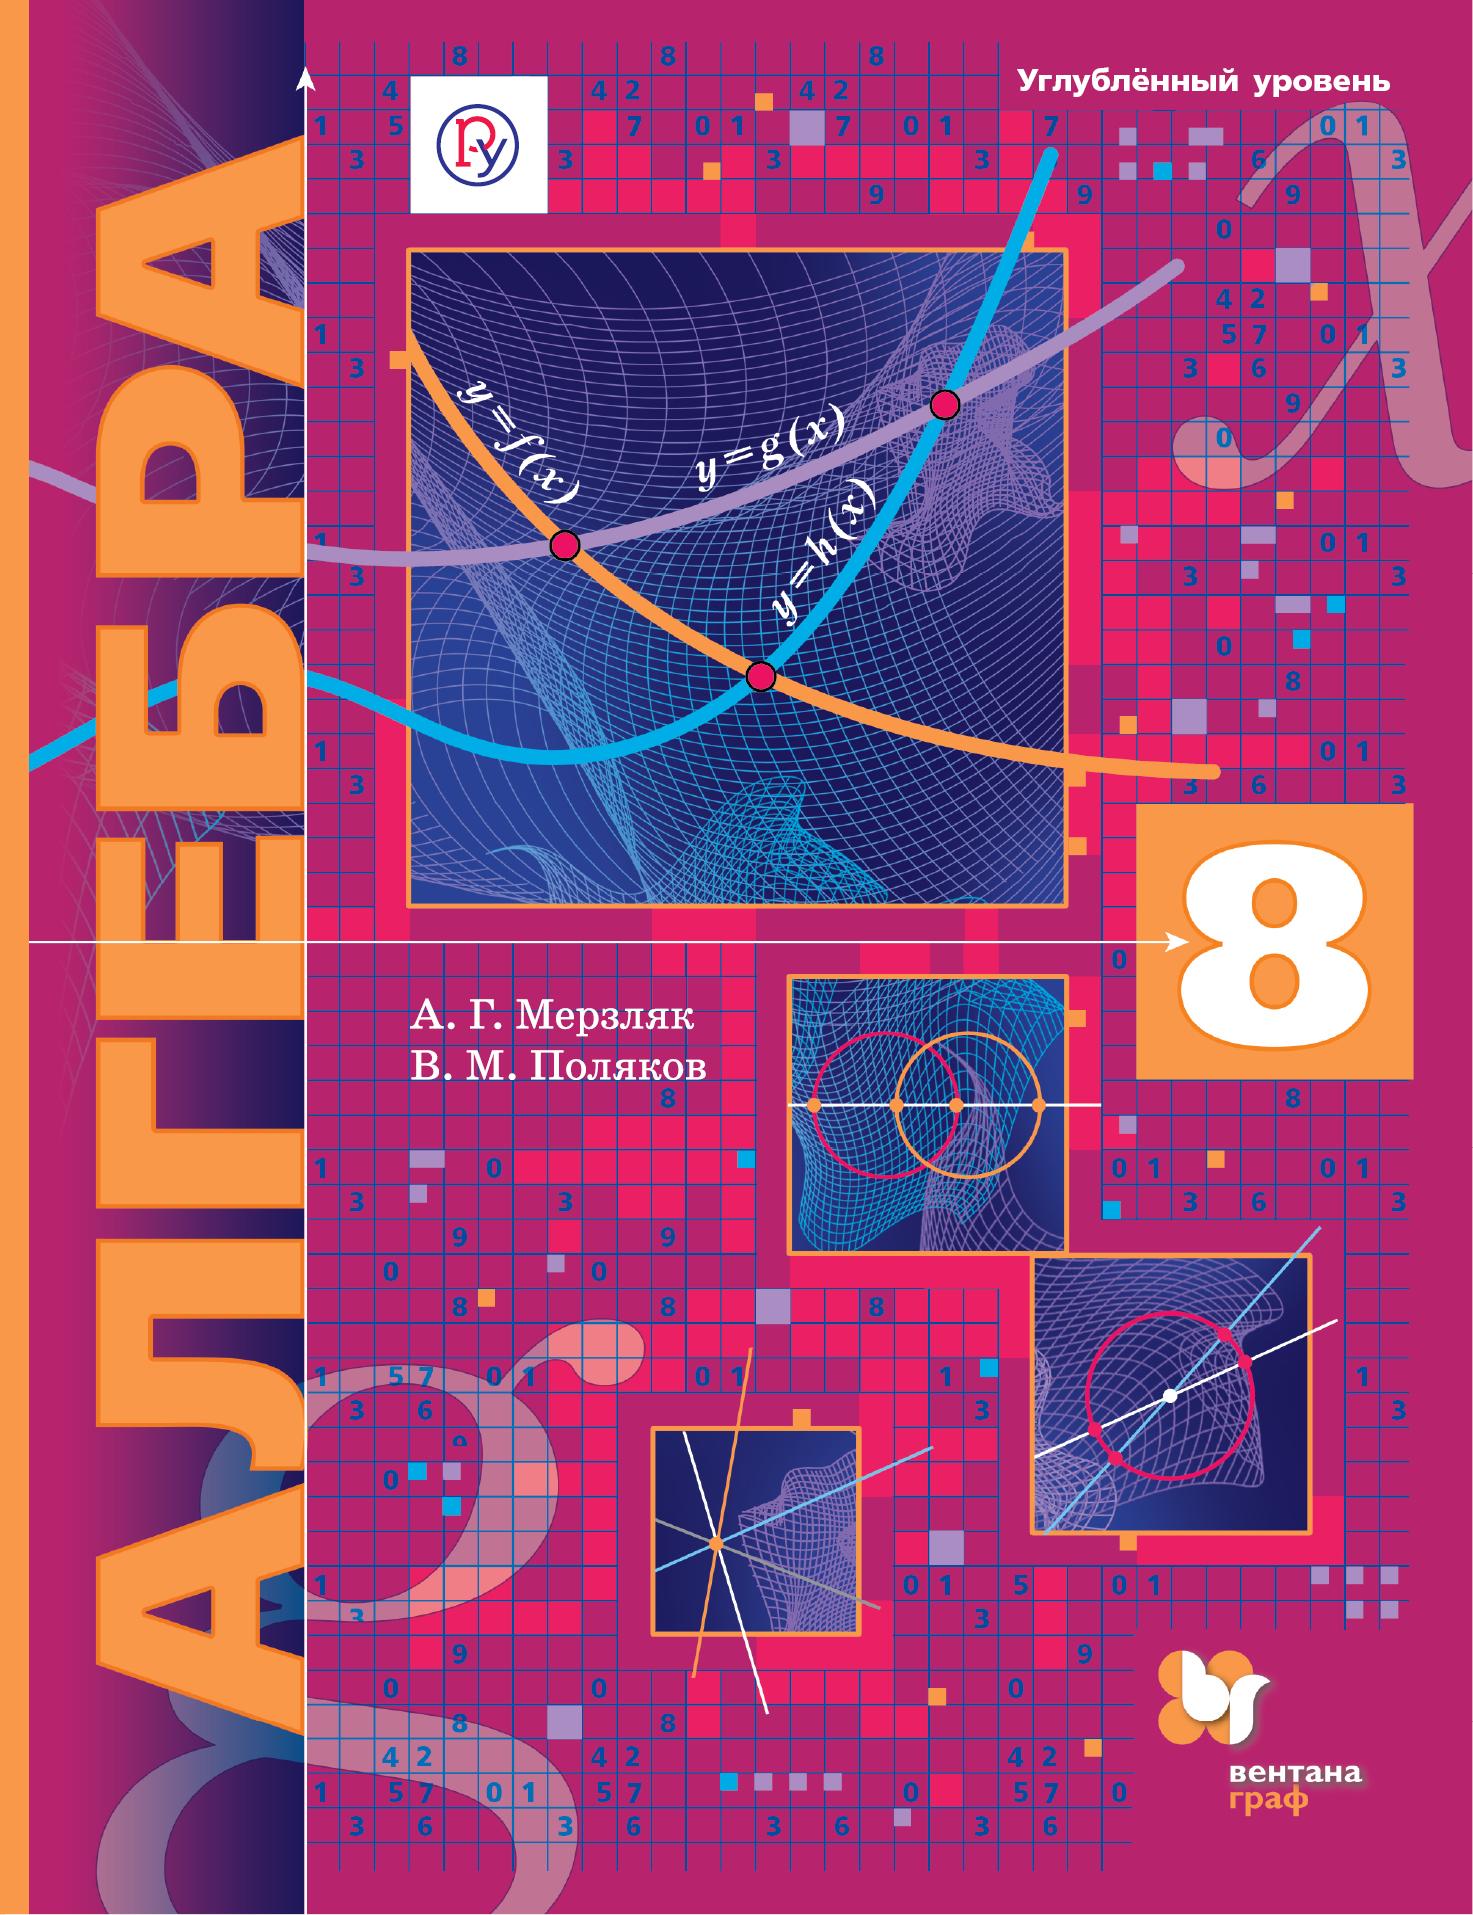 Мерзляк А.Г., Поляков В.М. Алгебра (углубленное изучение). 8 класс. Учебник.